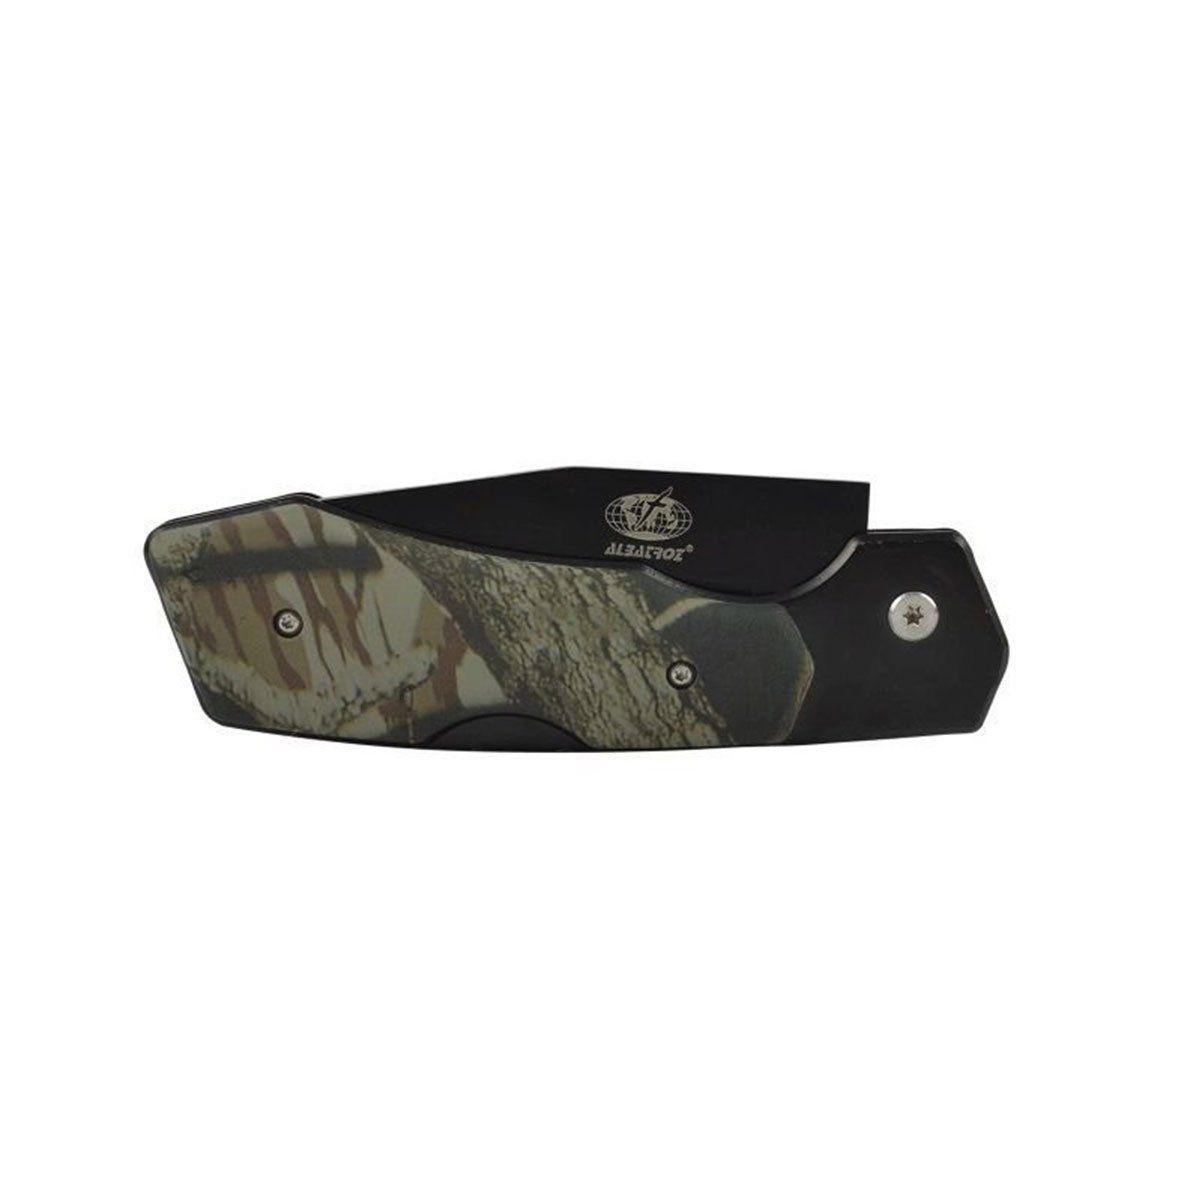 Canivete Albatroz K 207